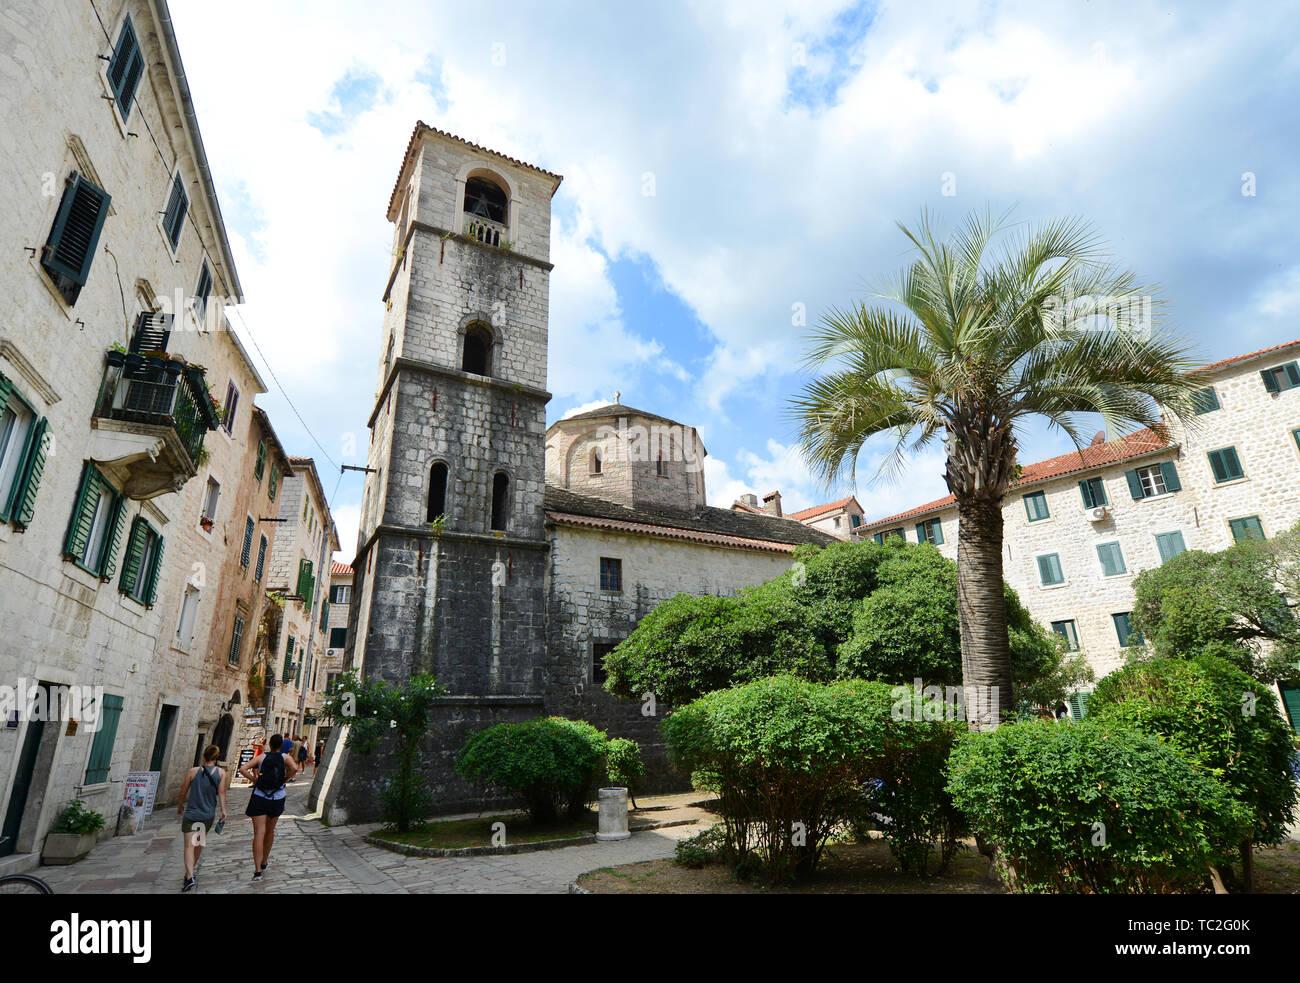 L'église de Sainte Marie de la rivière, dans la vieille ville de Kotor, Monténégro Banque D'Images